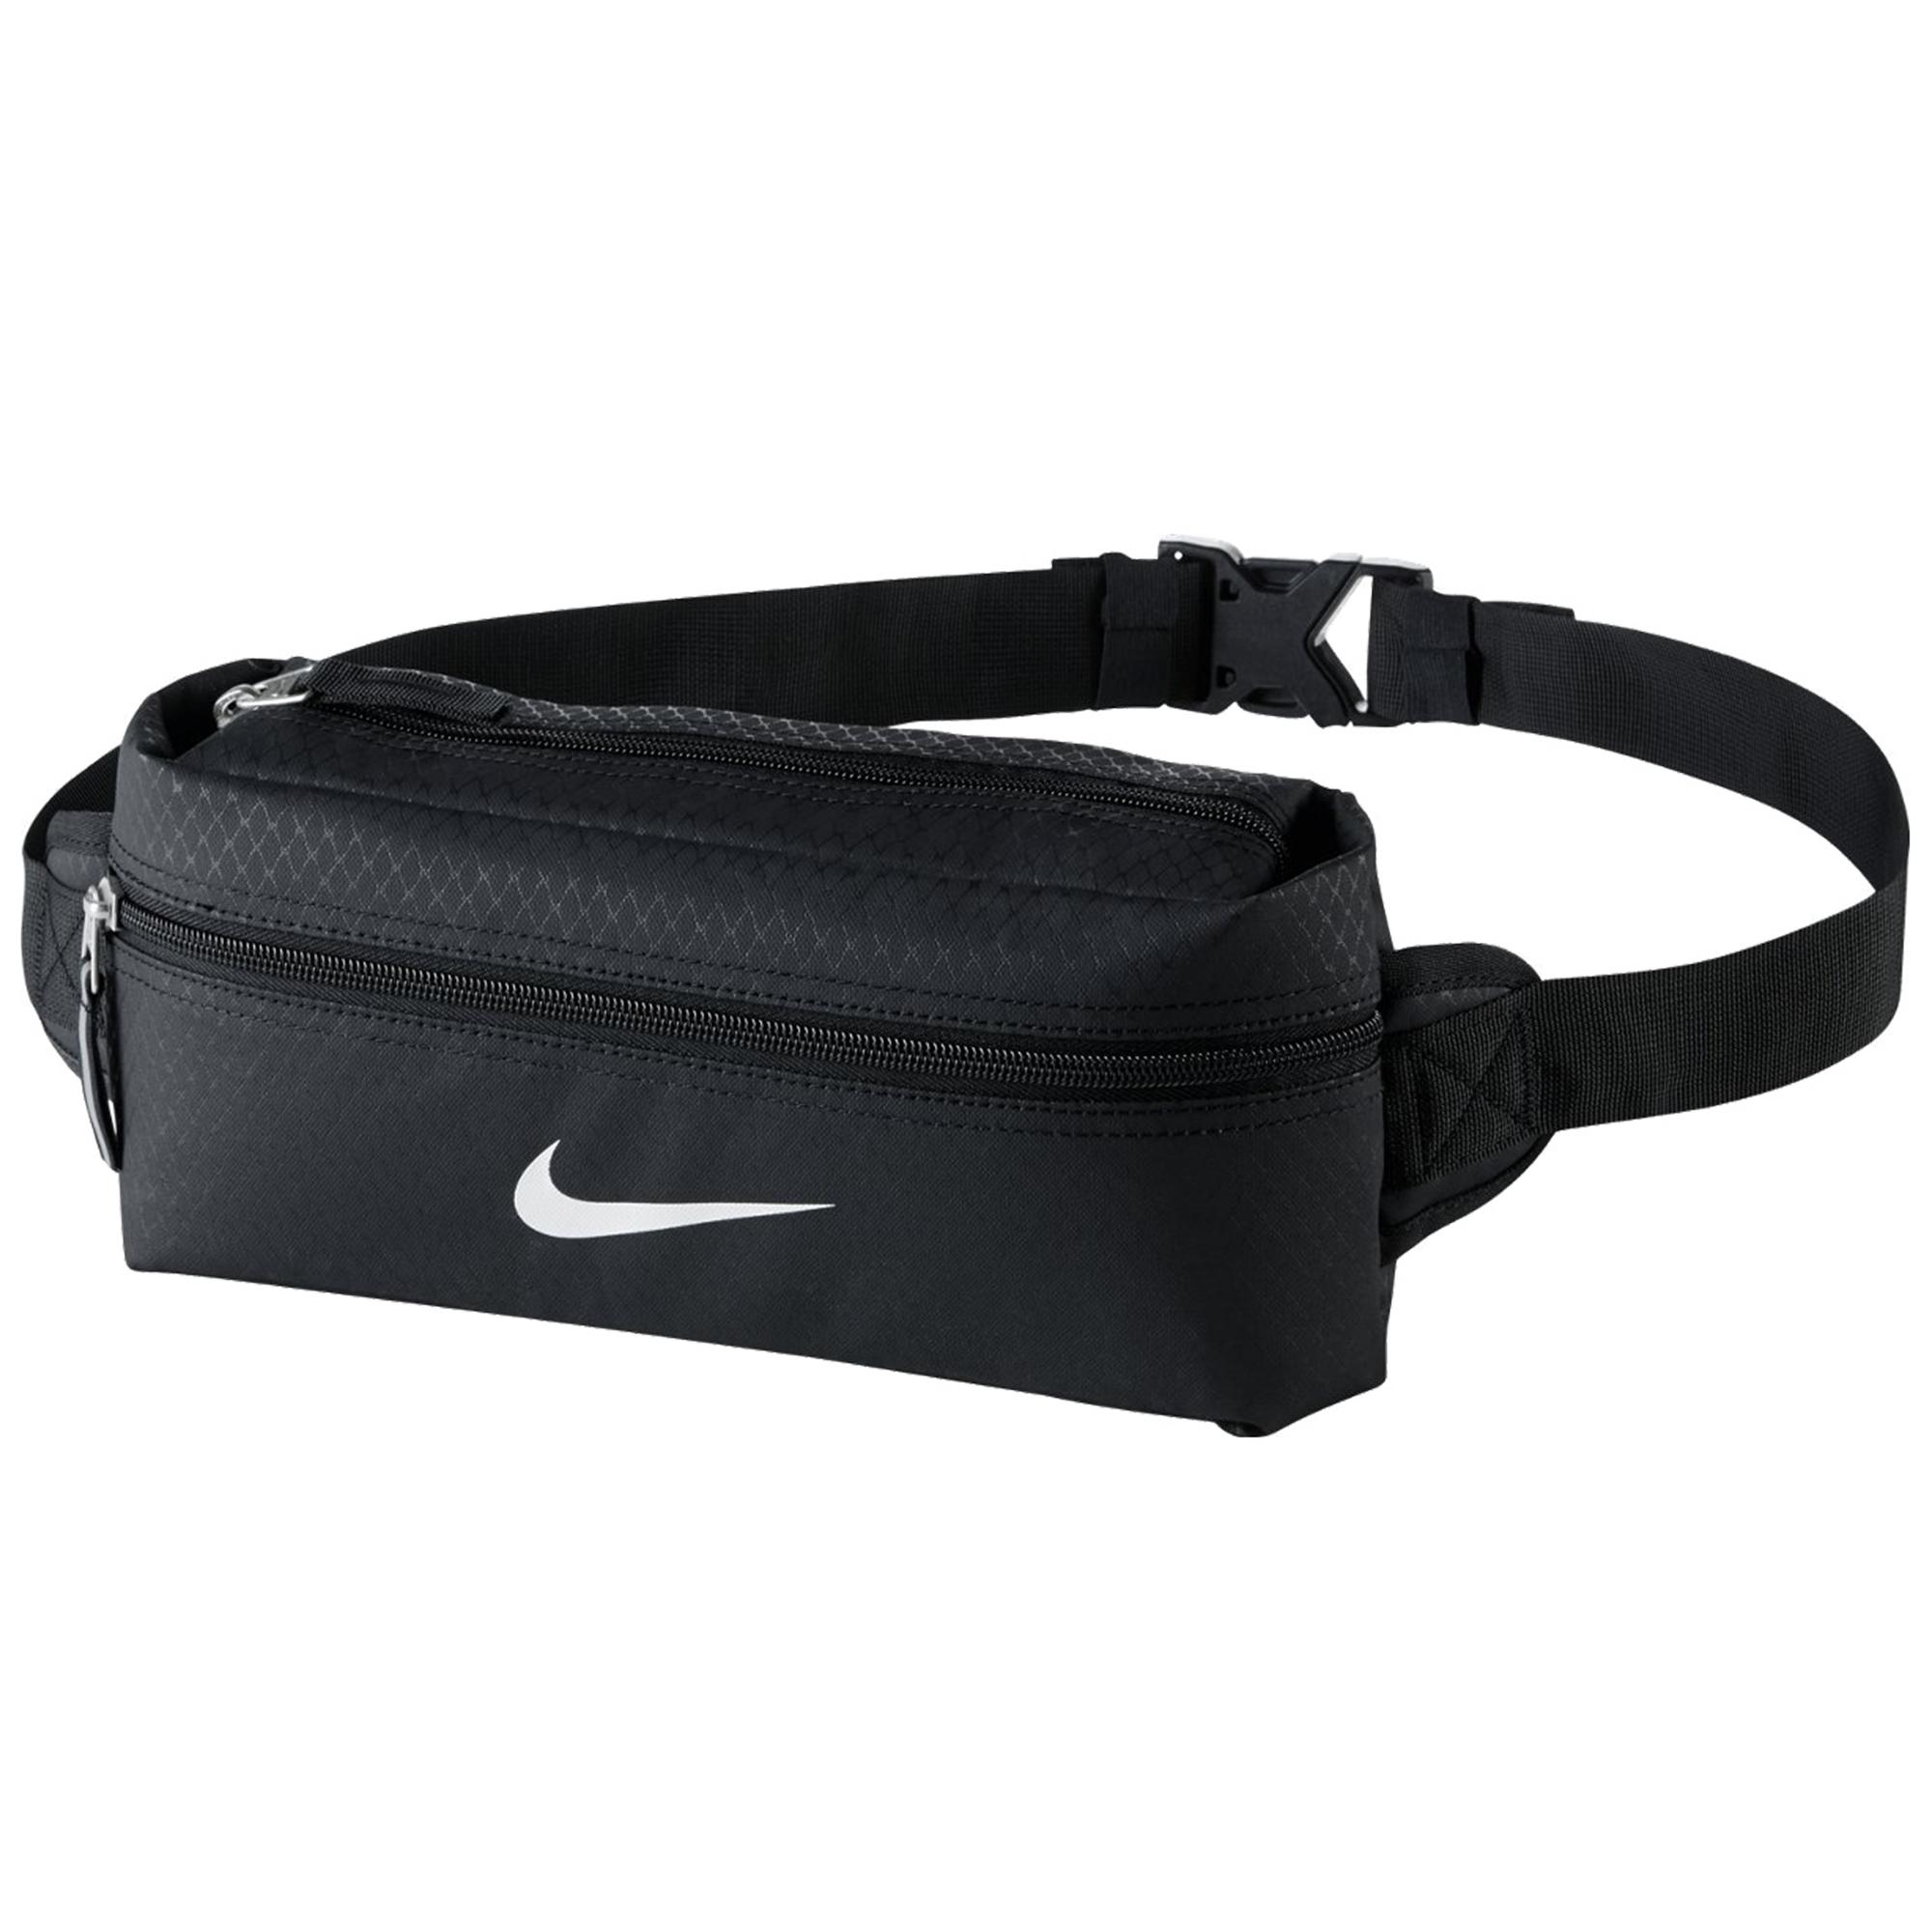 70e1459d Newnix — Поясные спортивные сумки маленького размера